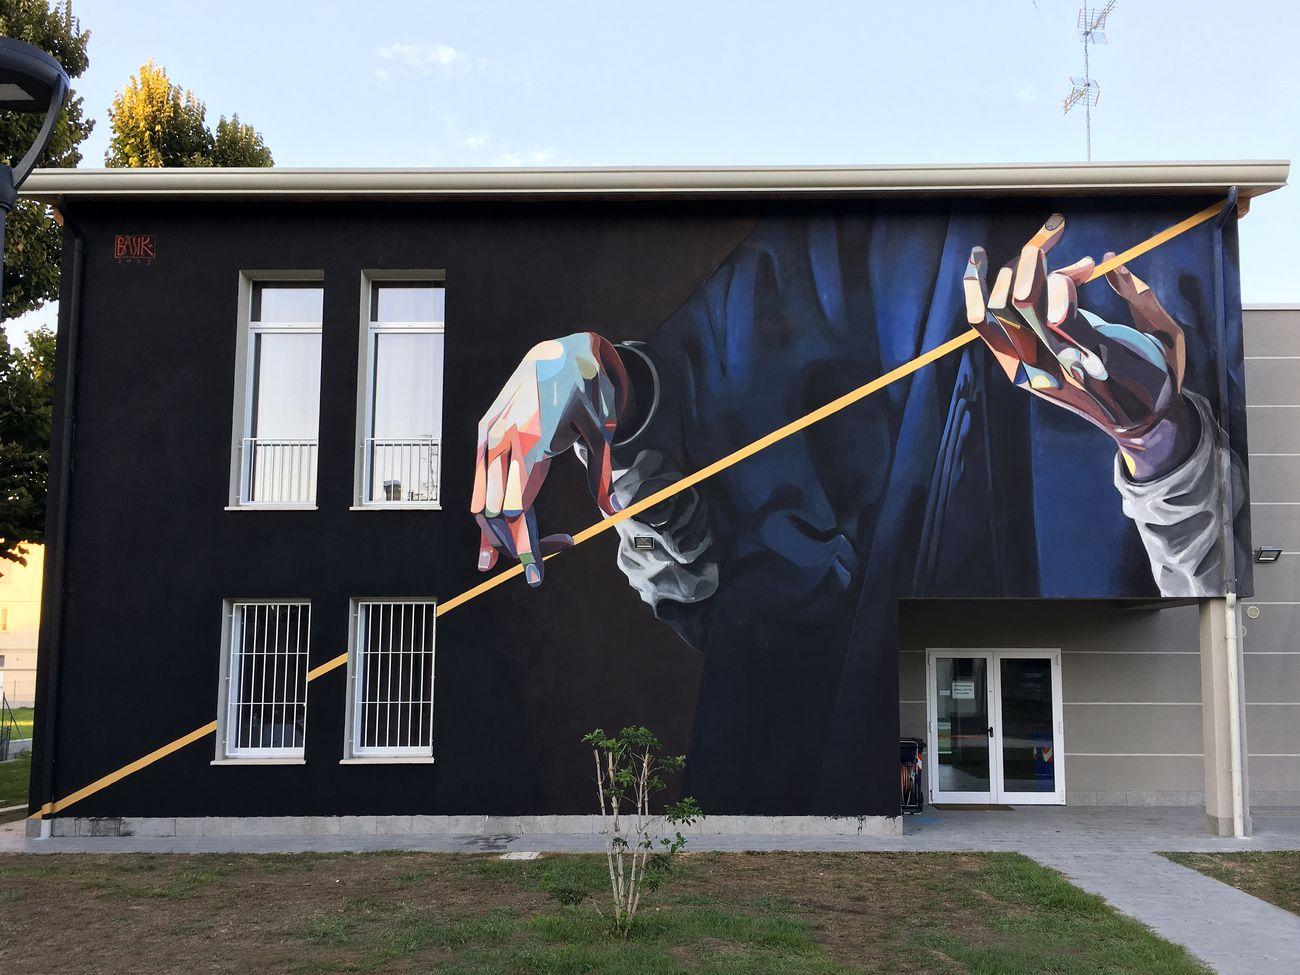 Lucio Basik Bolognesi, San Luca accorda la sua immagine tramite la diagonale della stessa, Novi di Modena 2017